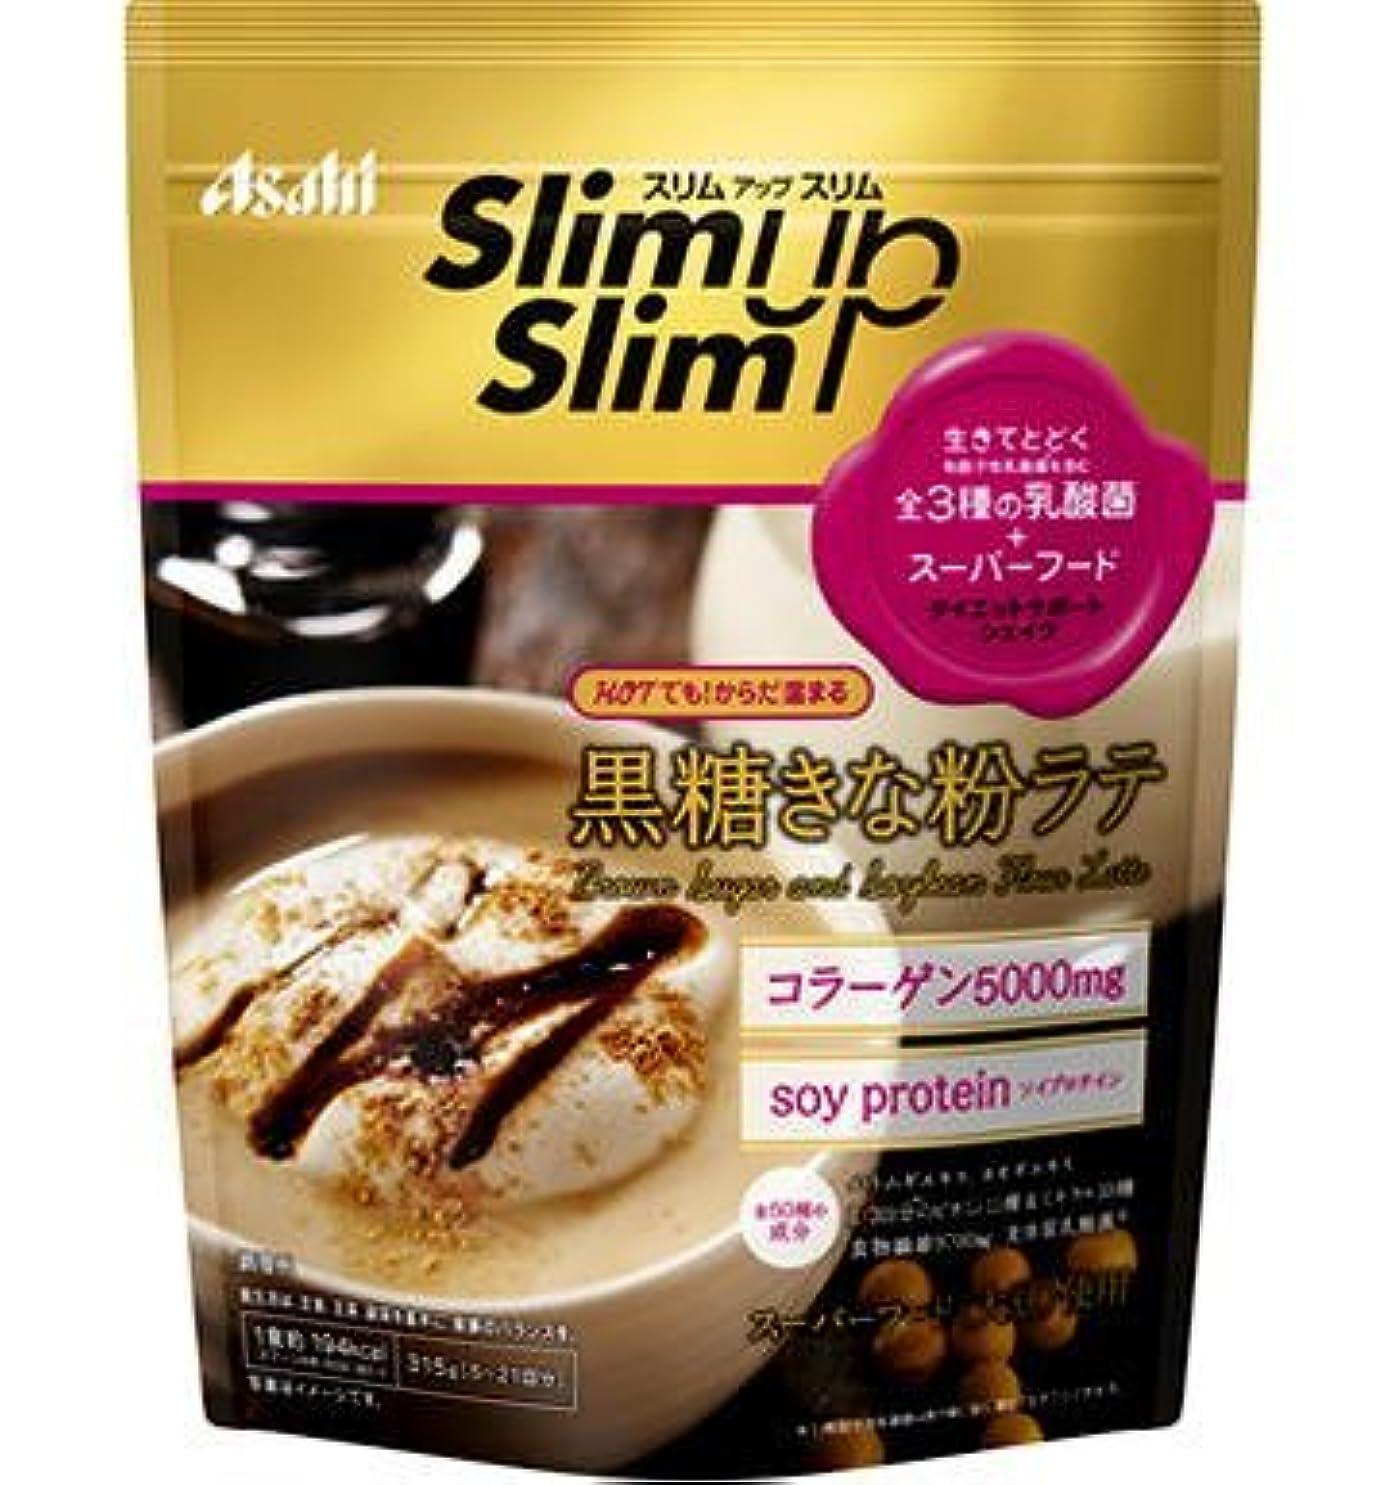 不測の事態貪欲環境アサヒ スリムアップスリム 乳酸菌+スーパーフード シェイク 黒糖きな粉ラテ 315g×10個セット